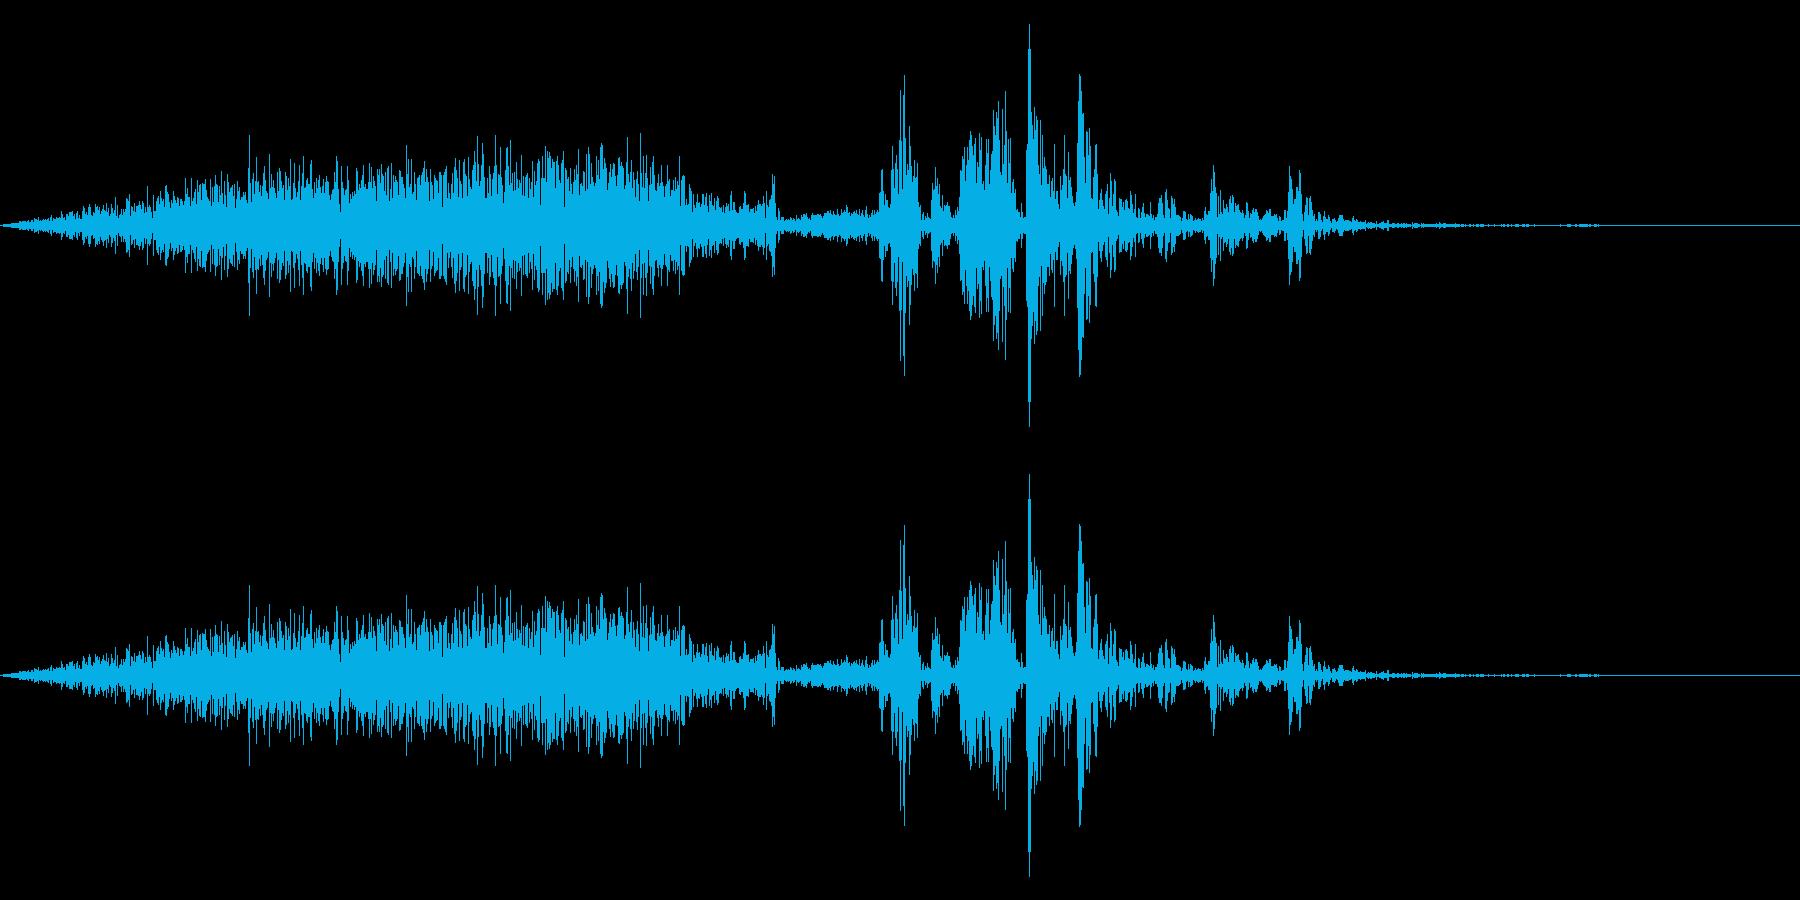 【生録音】本のページをめくる音 10の再生済みの波形